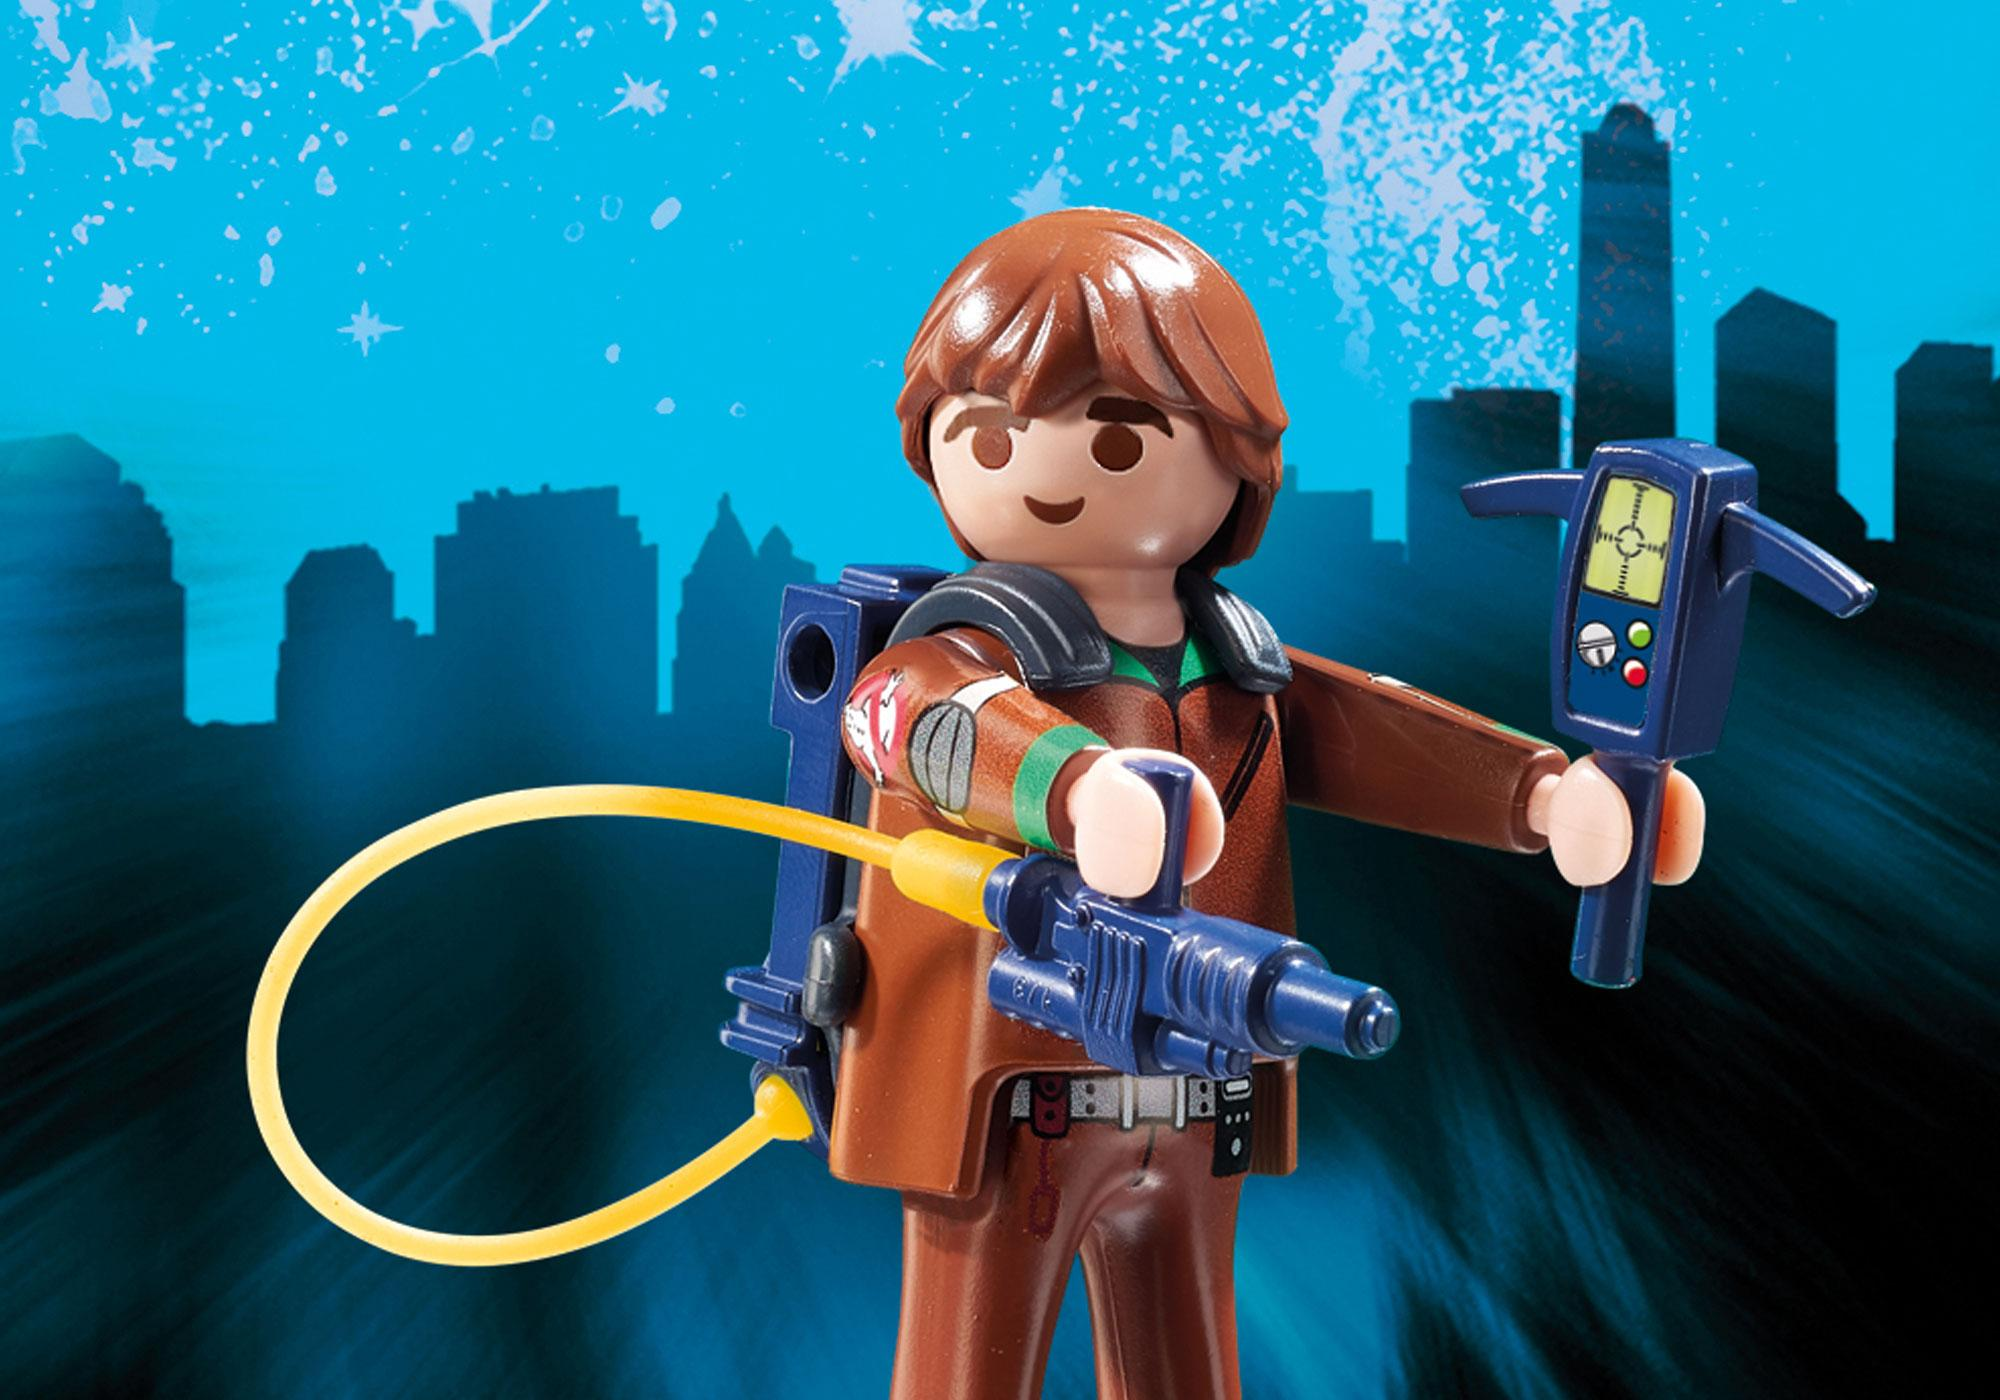 http://media.playmobil.com/i/playmobil/9385_product_extra2/Venkman com Helicóptero